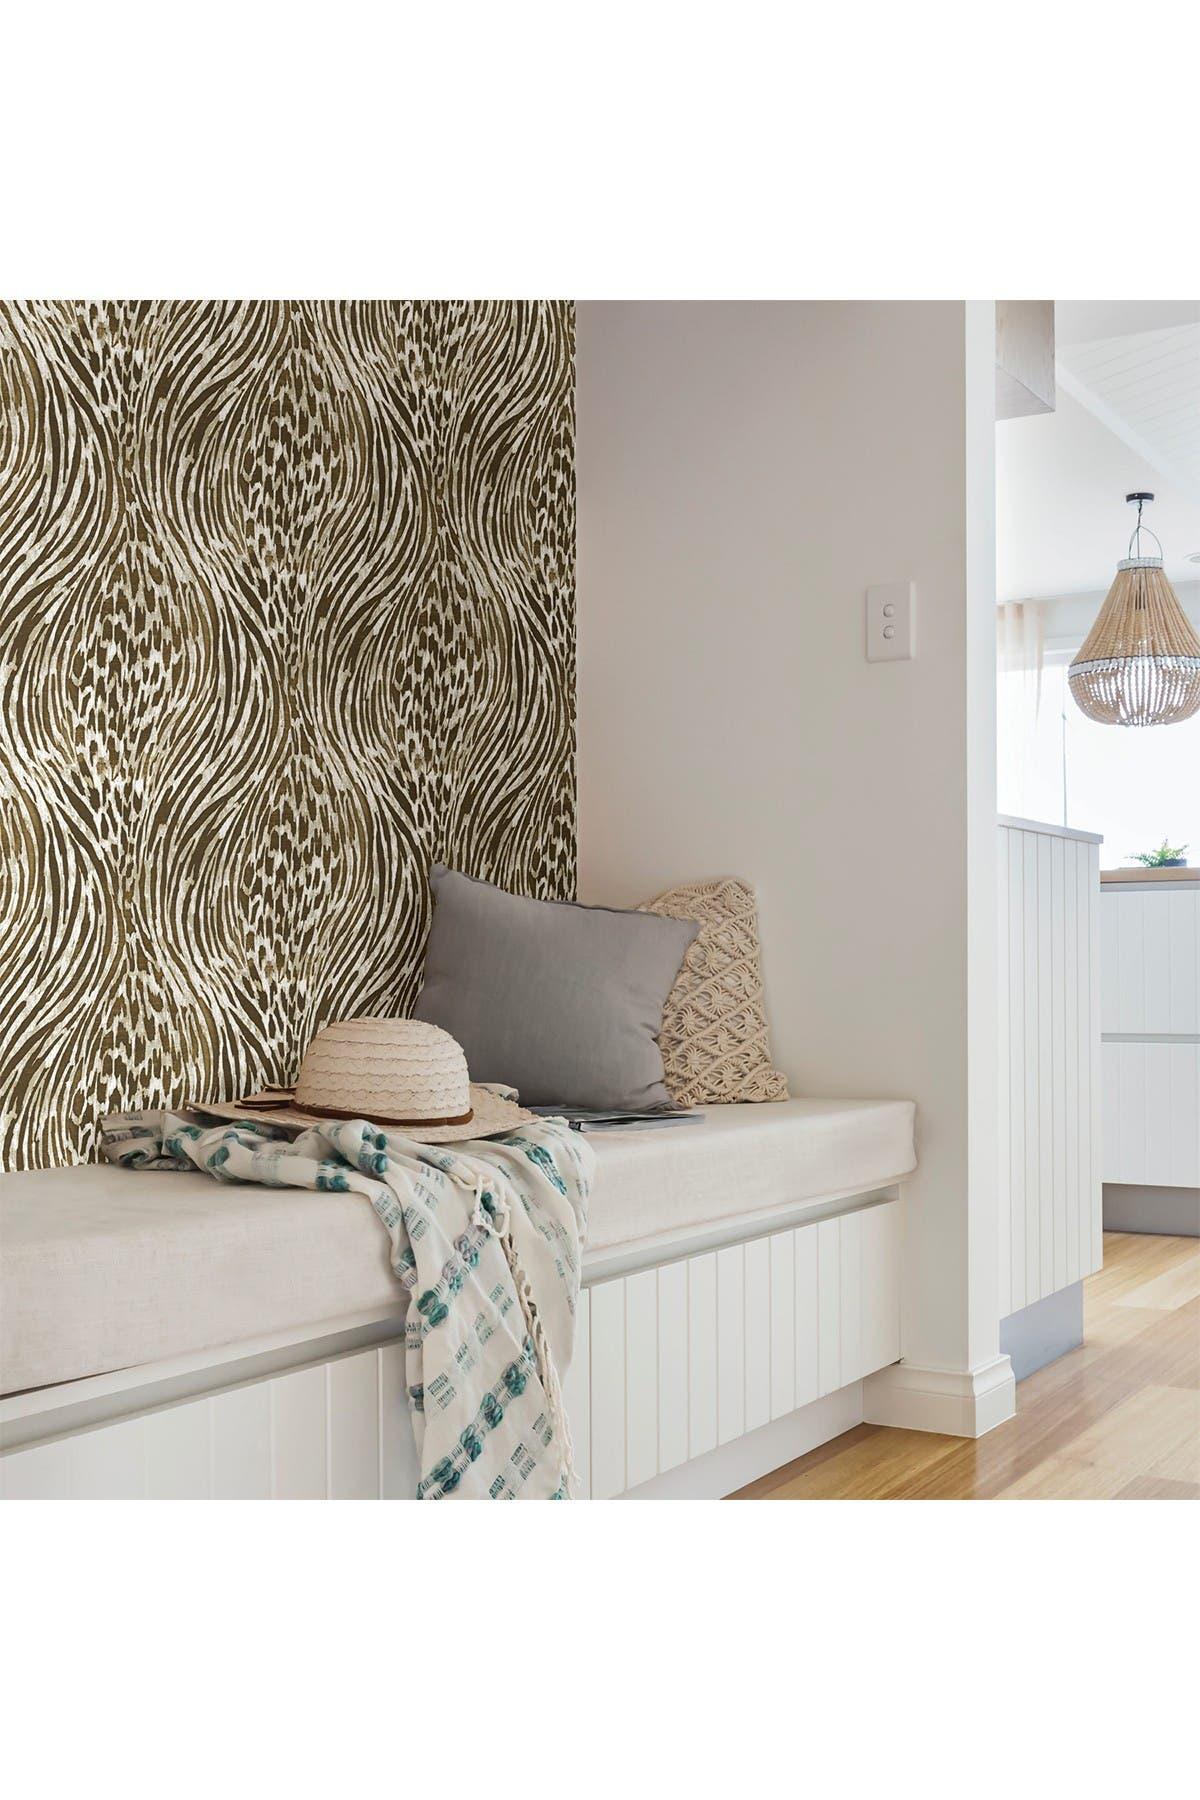 Image of WallPops! Brown & Gold Fierce Peel & Stick Wallpaper